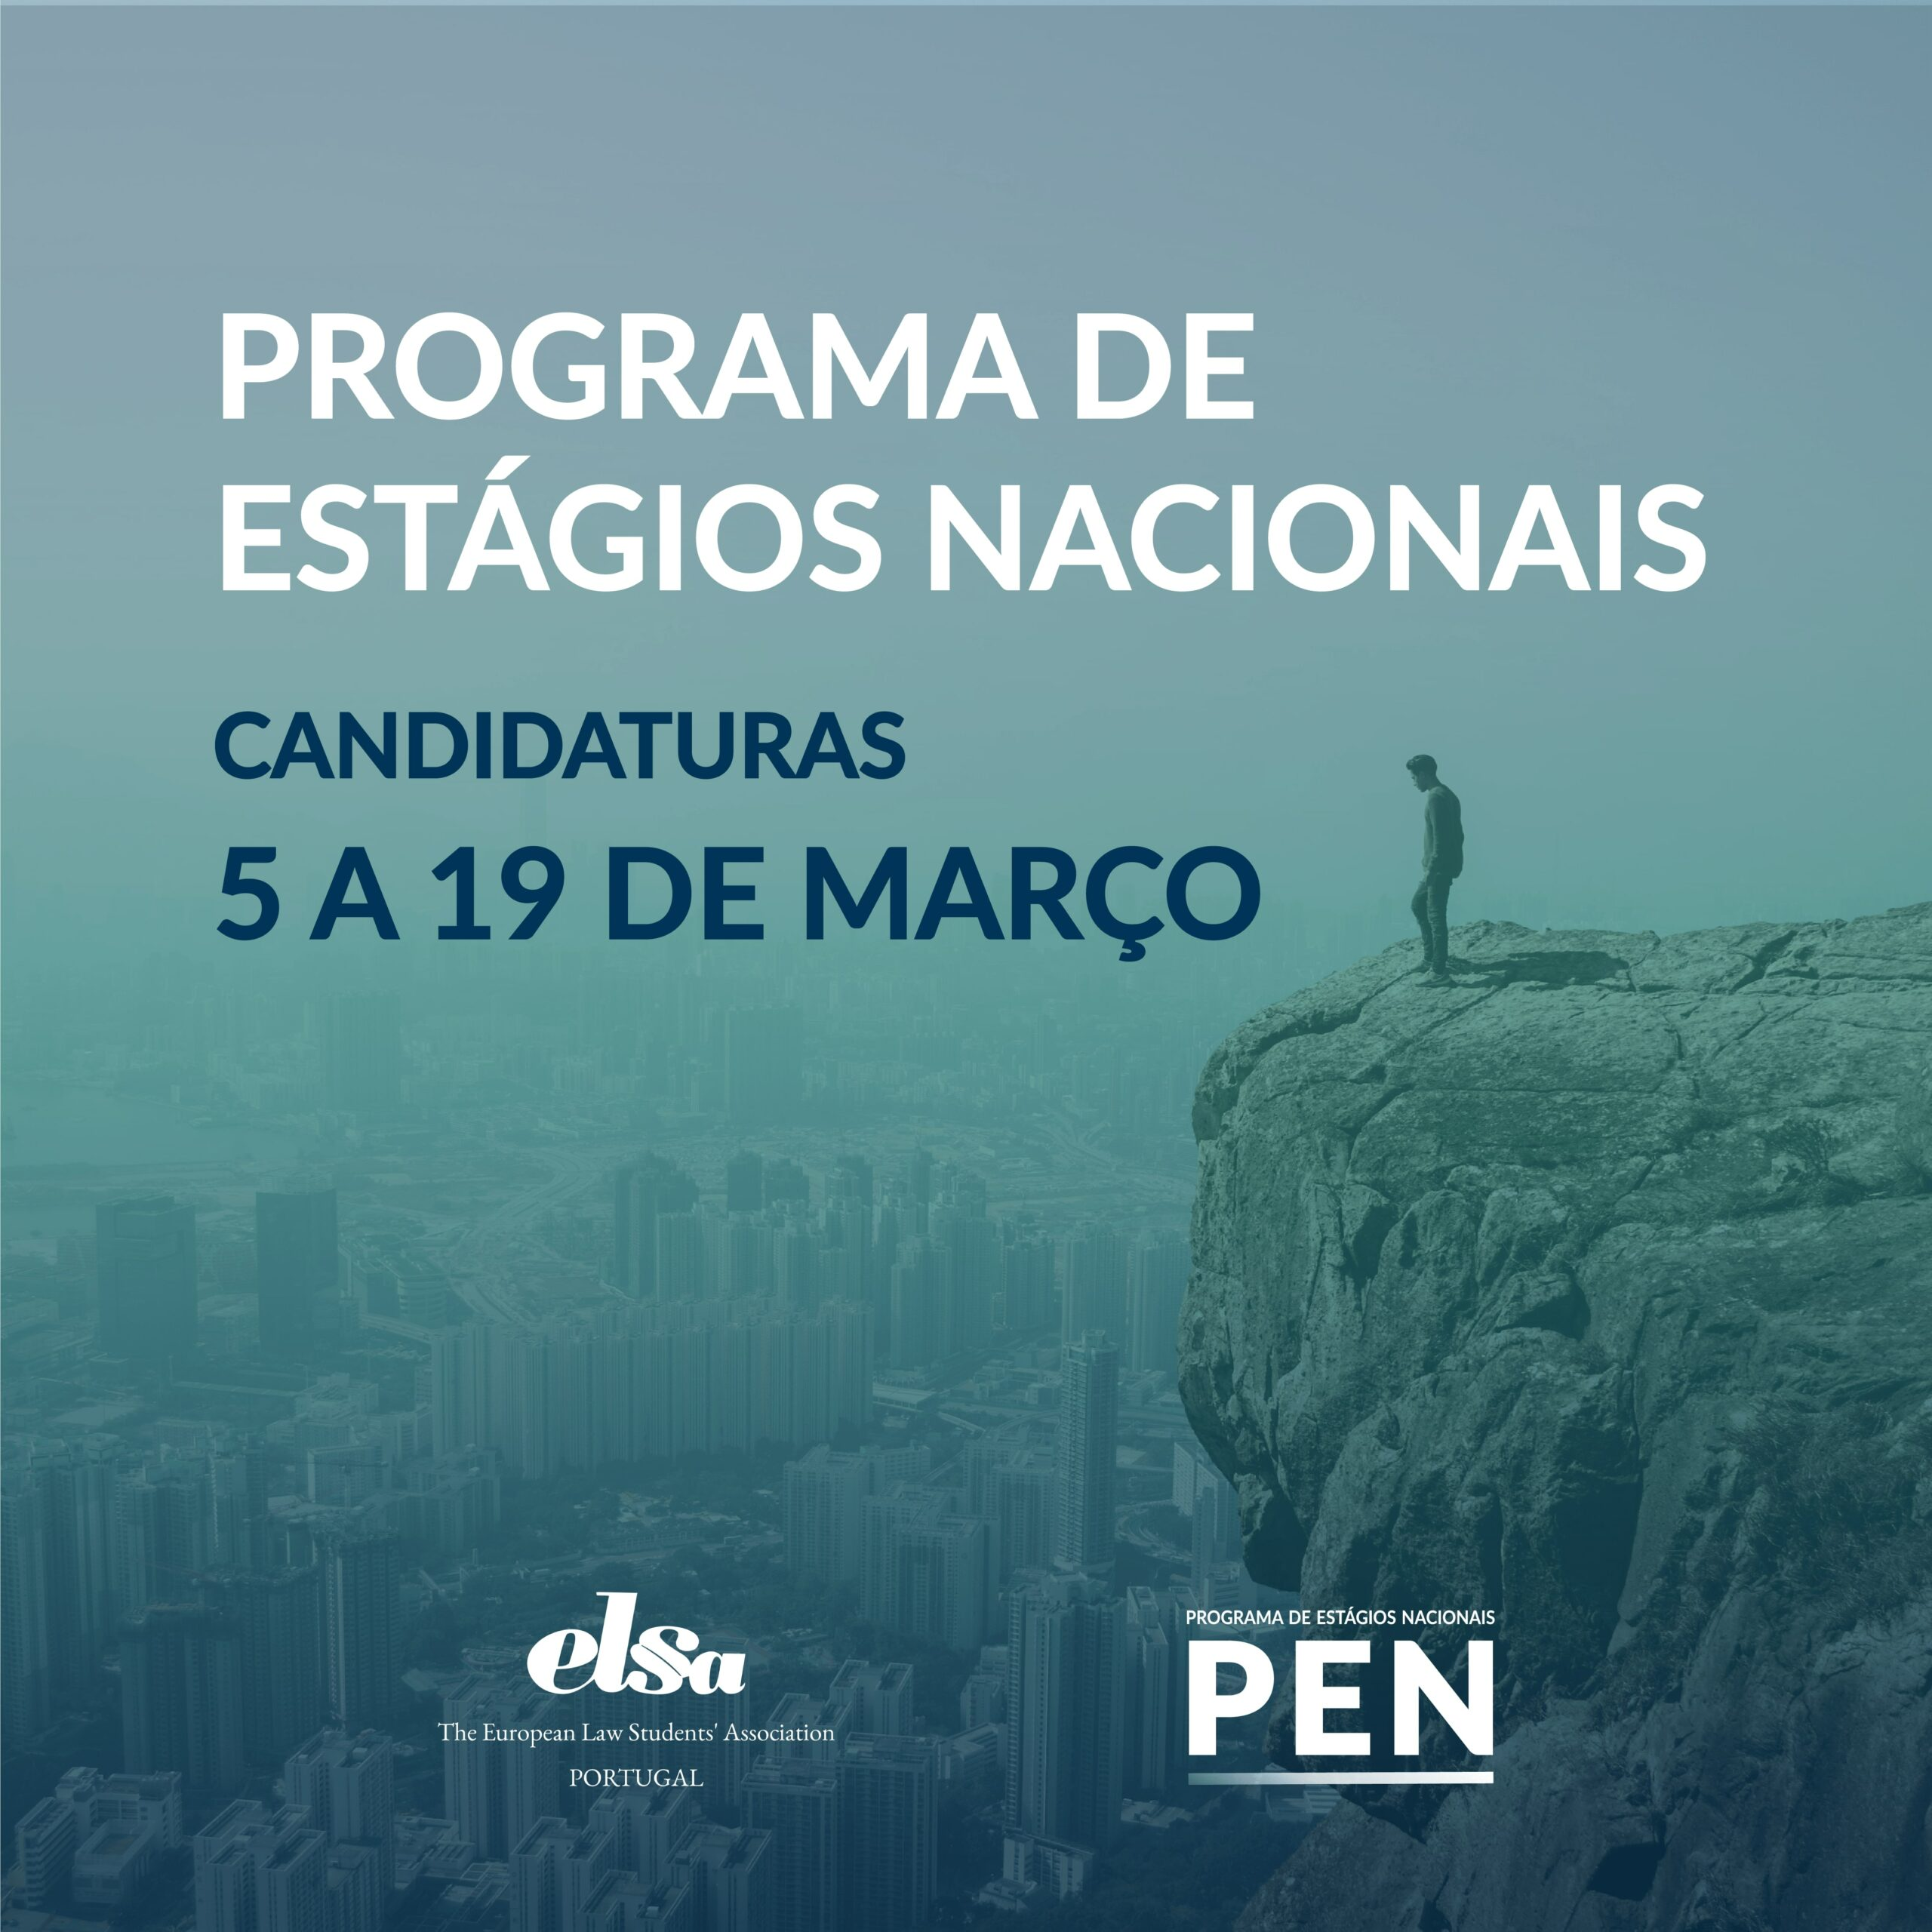 Programa de Estágio Nacionais